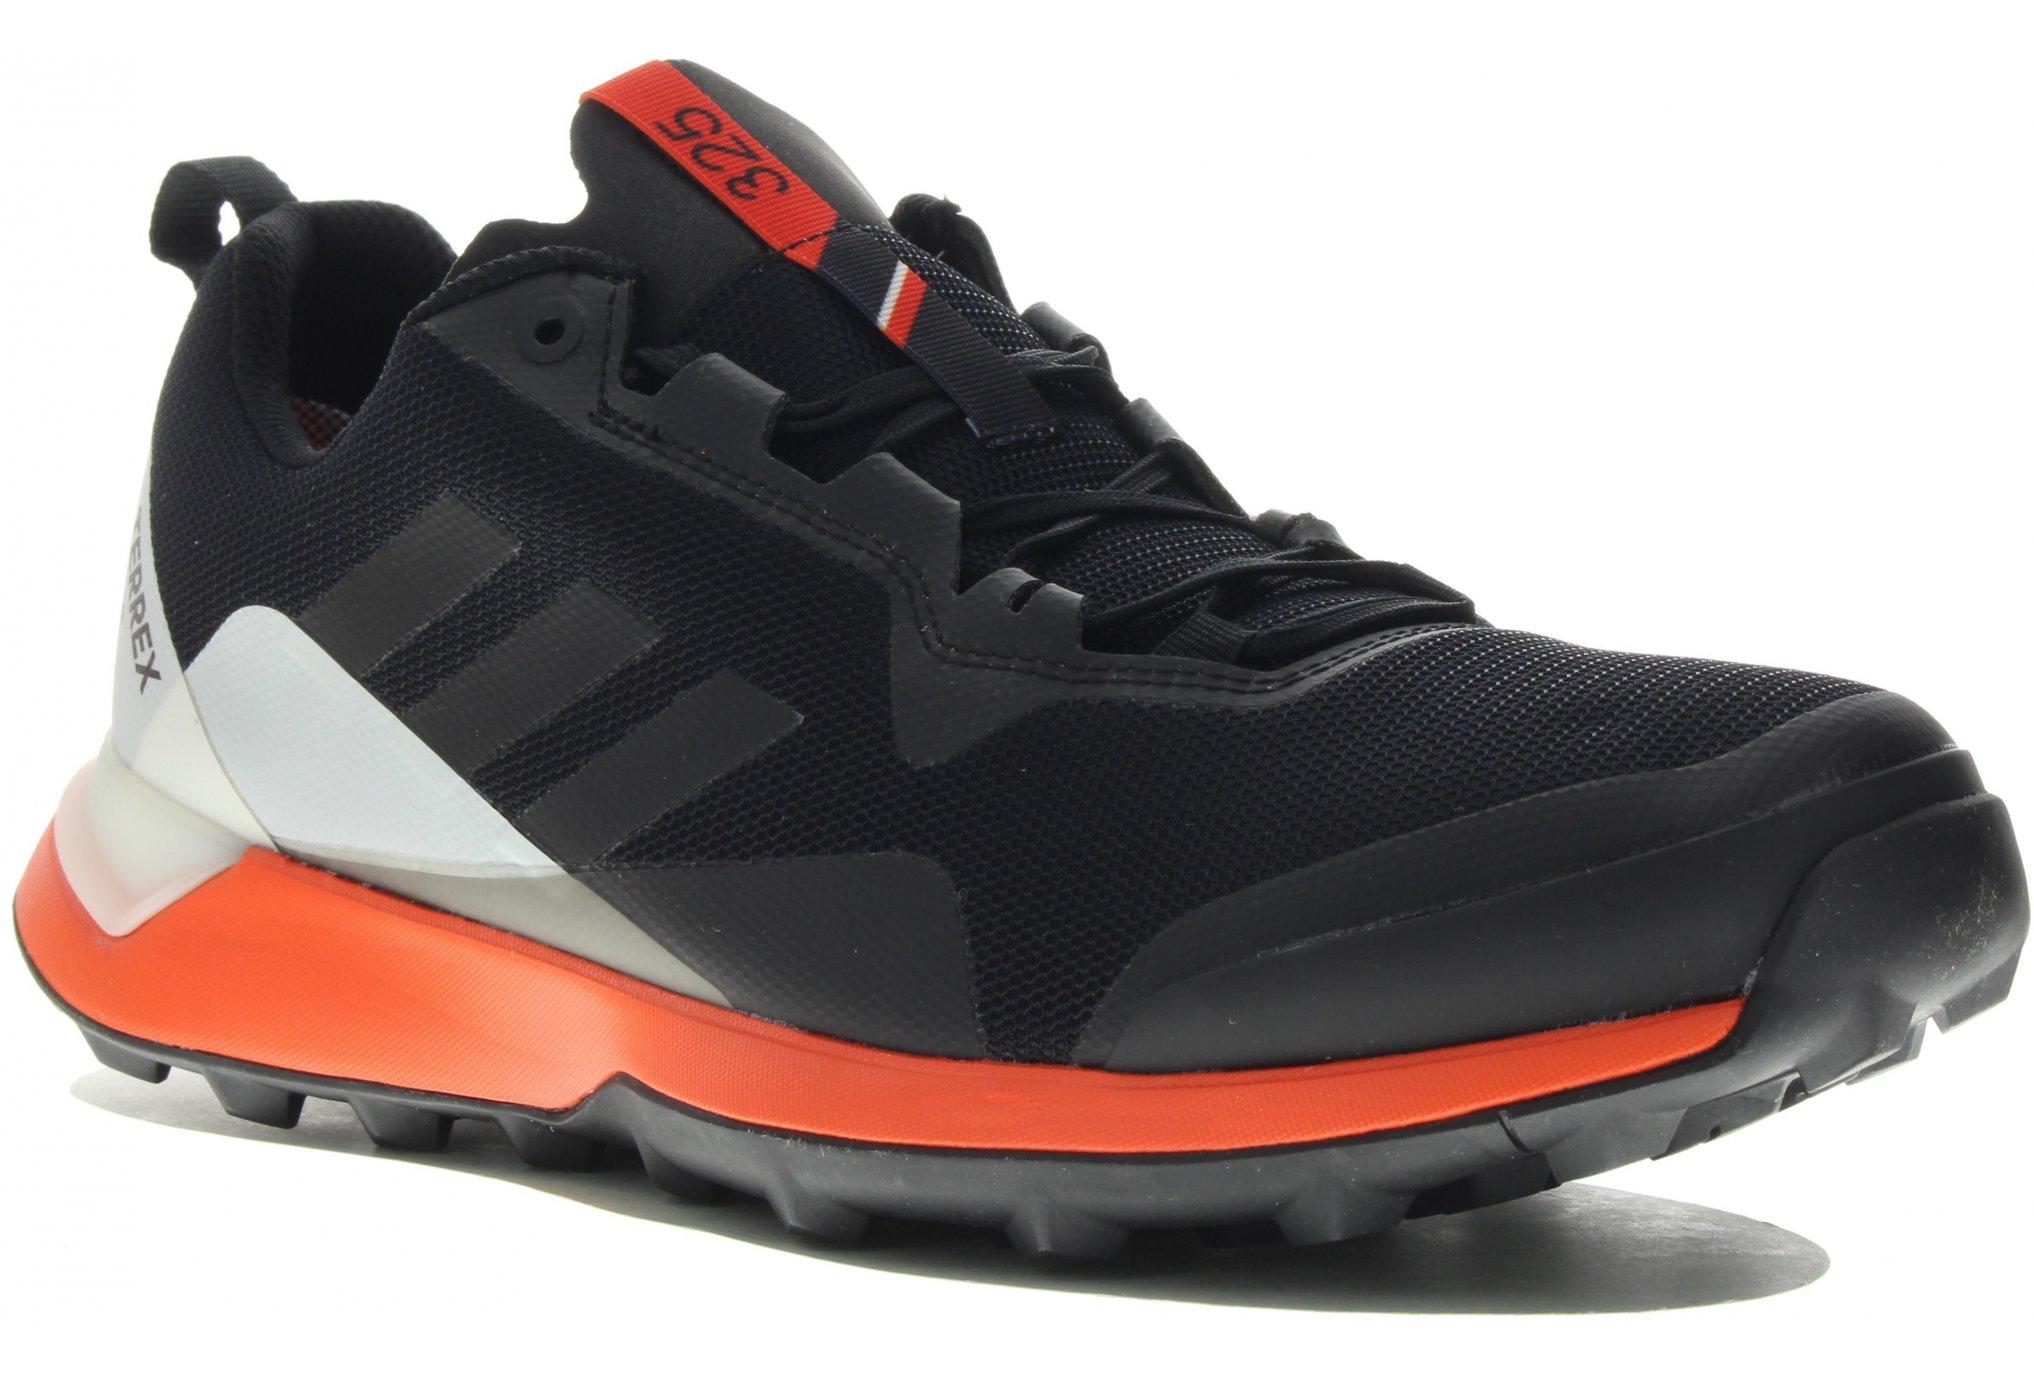 Homme Trail Et De Prix Adidas Liste Chaussures Produits srCtQhd